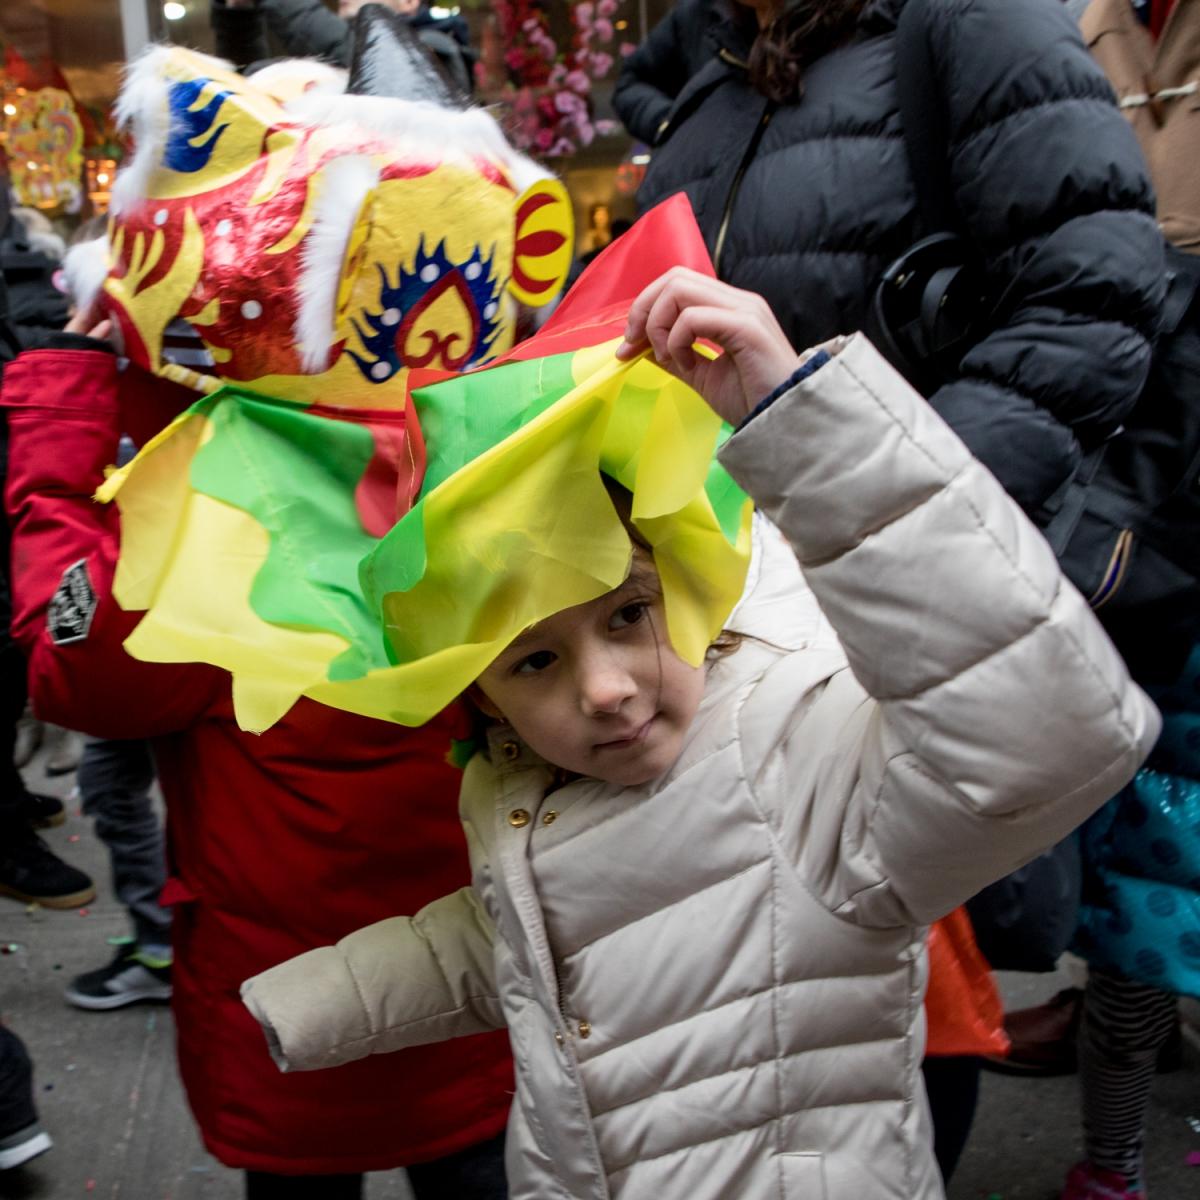 美國春節好熱鬧    ----紐約曼哈頓唐人街大年初一 20170128_图1-40